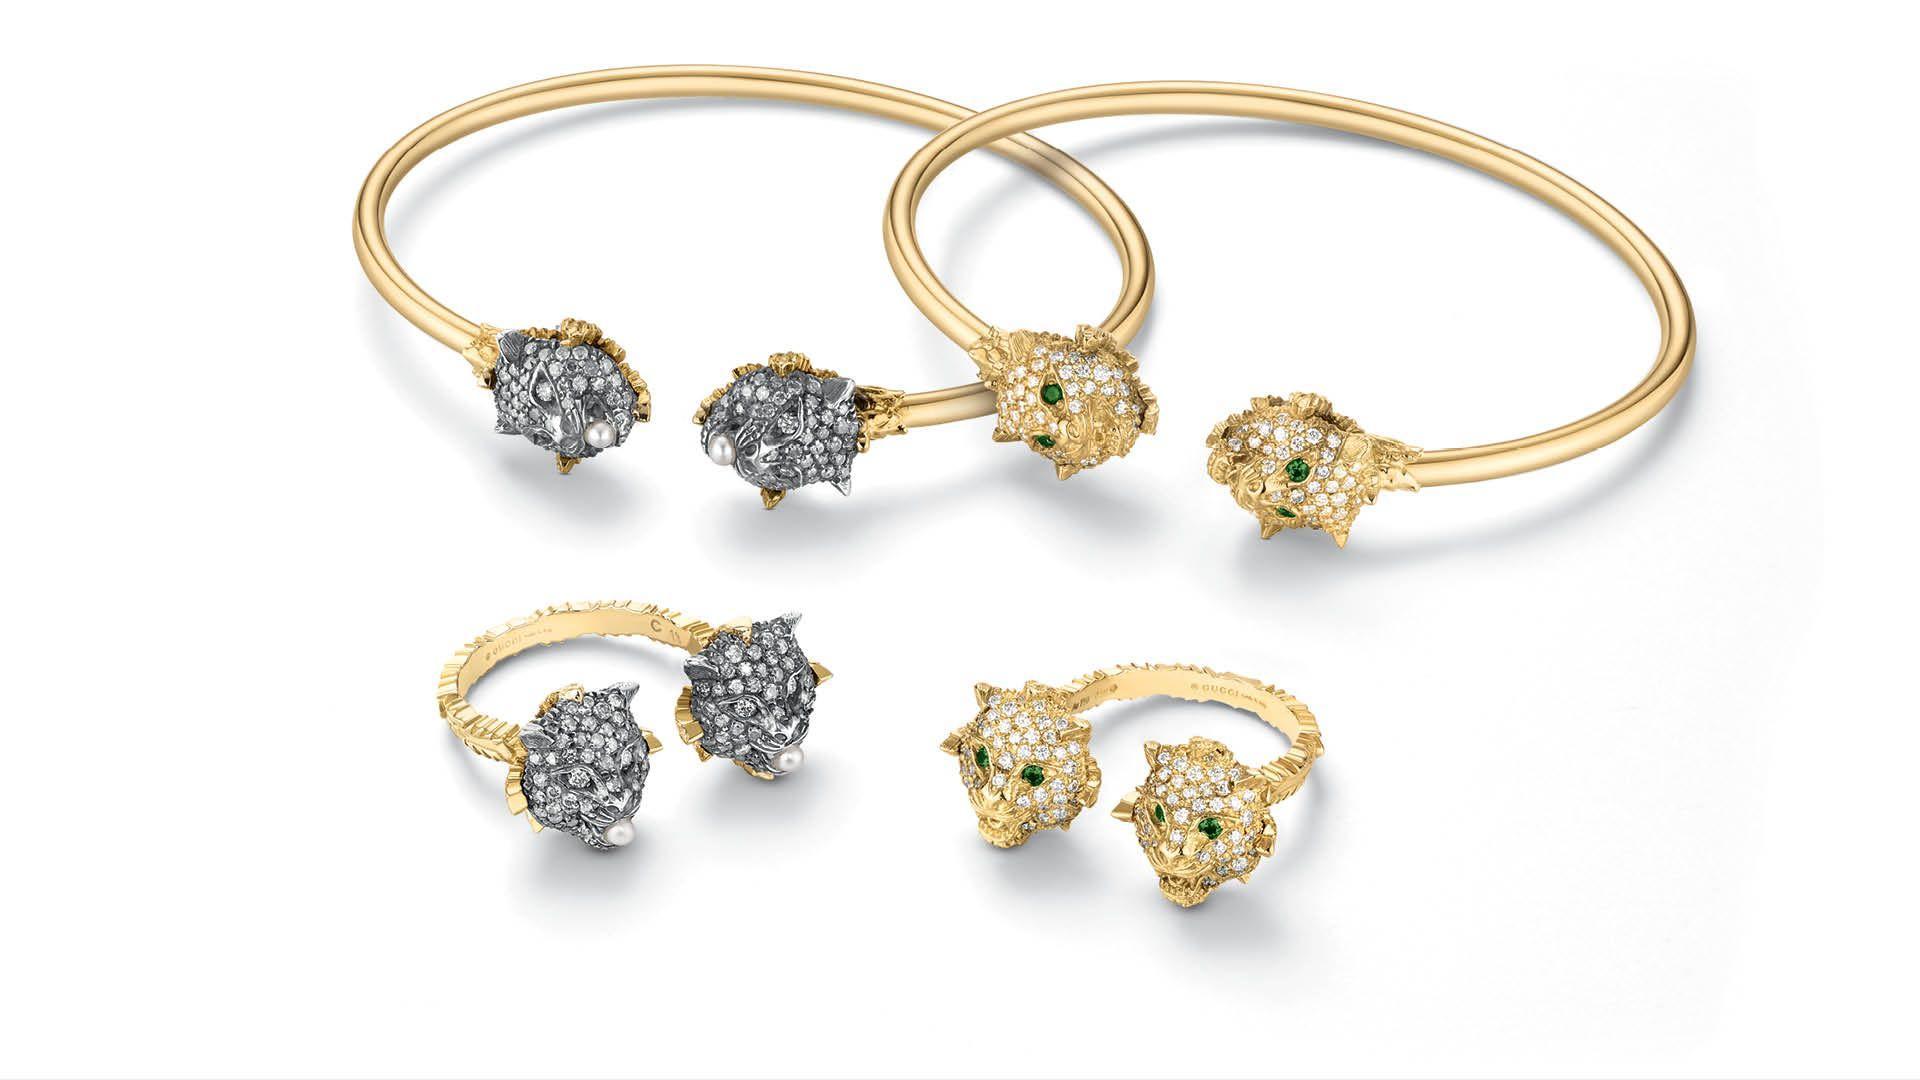 Gucci Le Marche des Merveilles jewellery